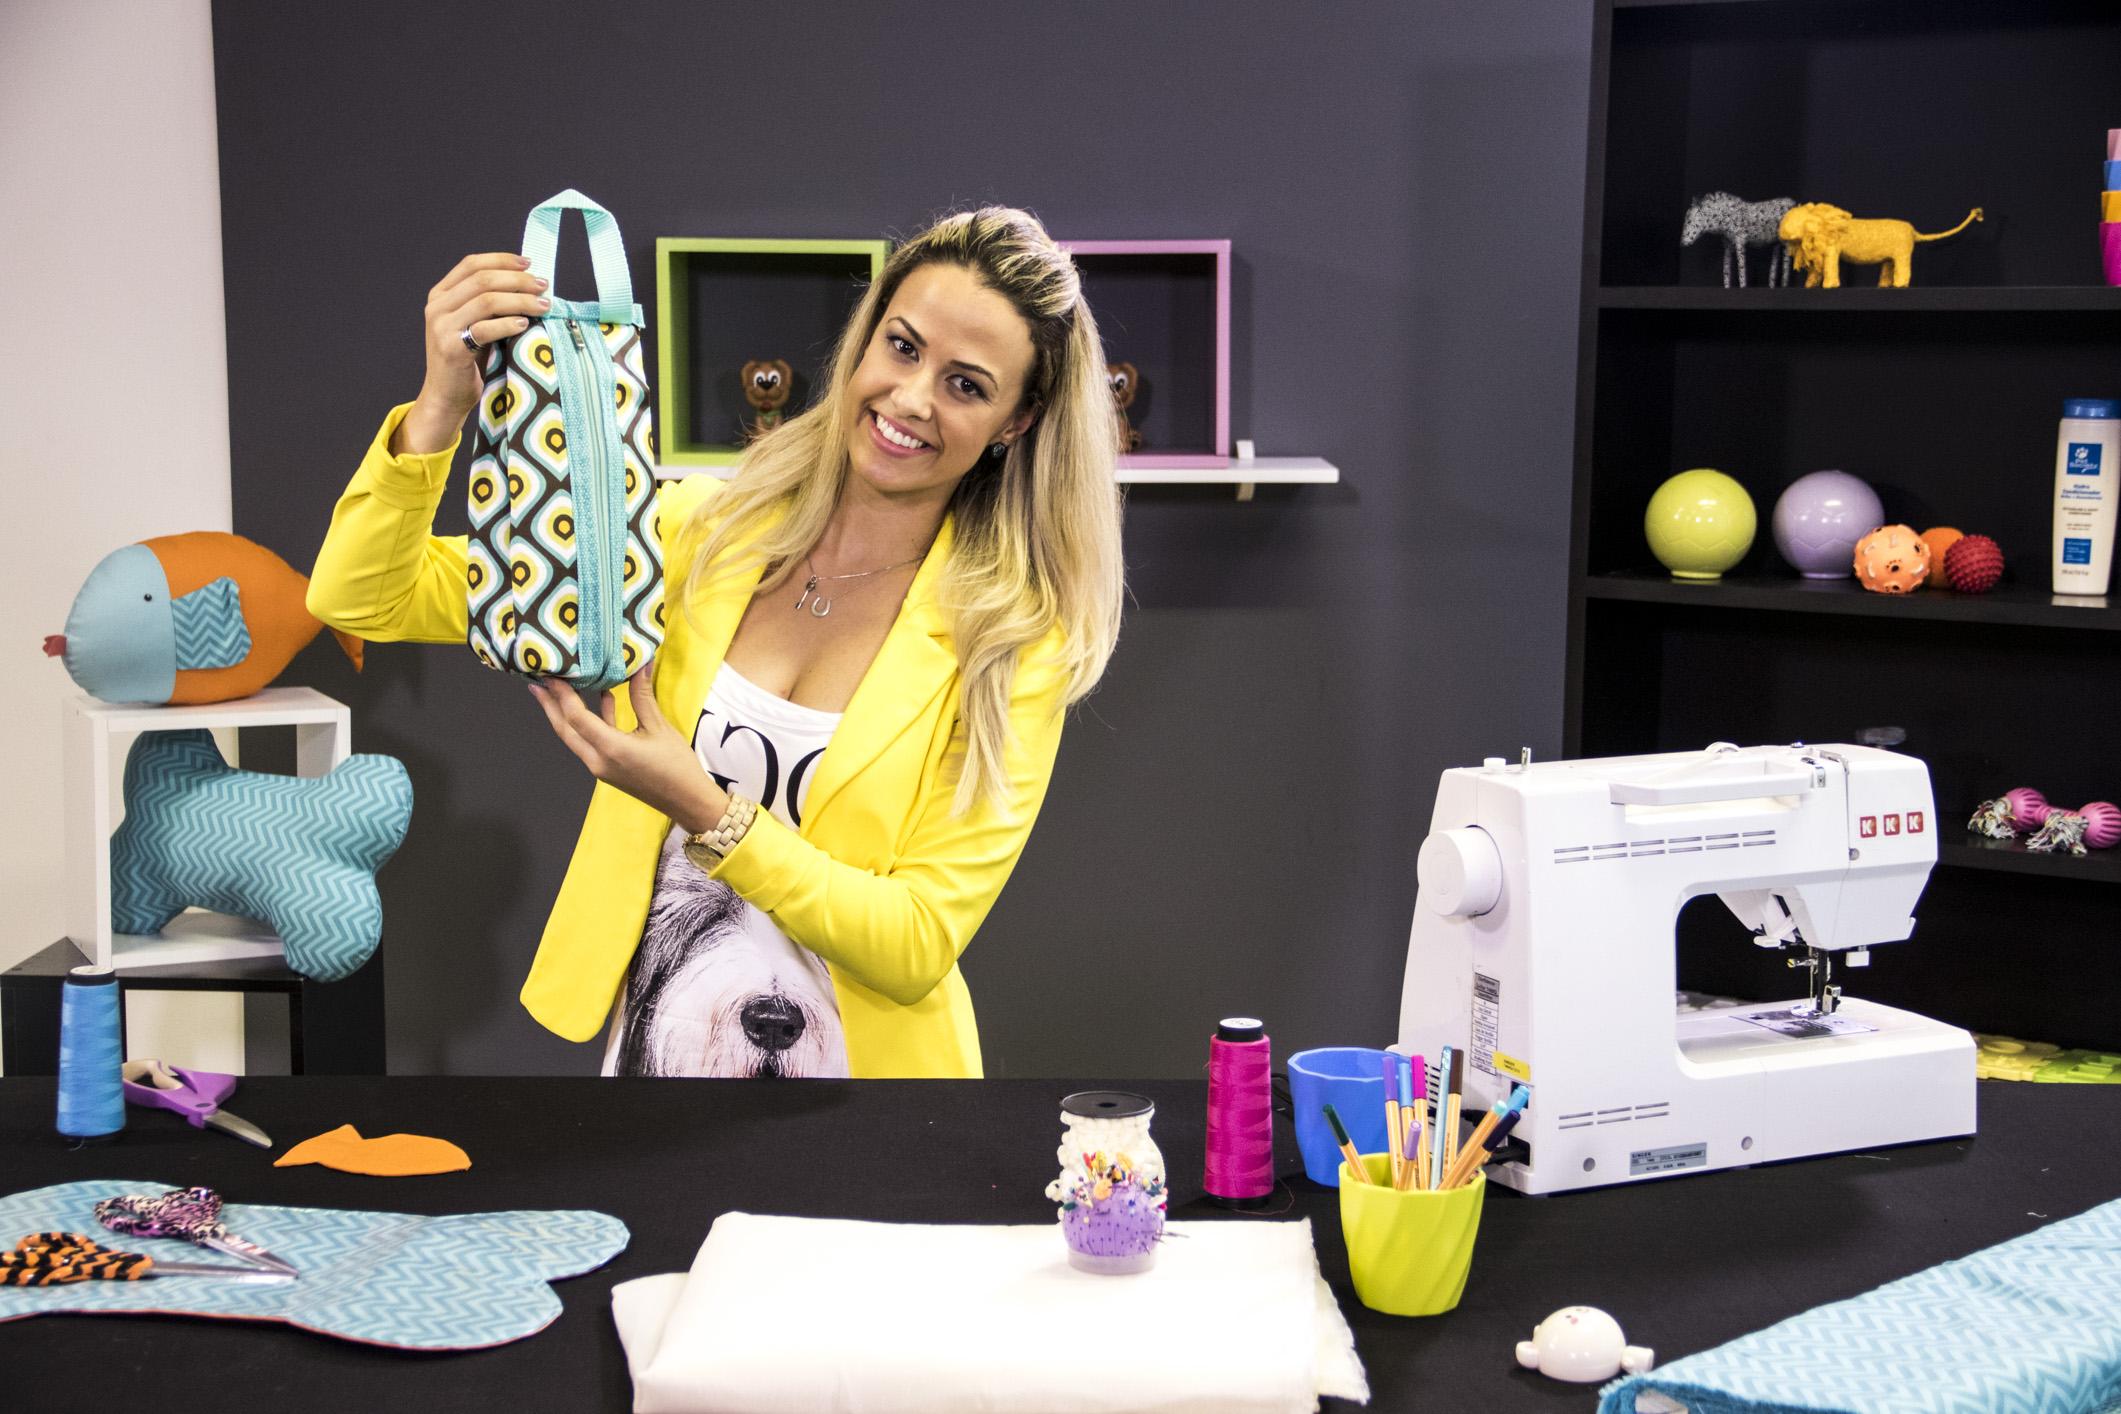 Carol Viana mostra as peças que vai ensinar no curso Bolsa, caminhas e acessórios para pets